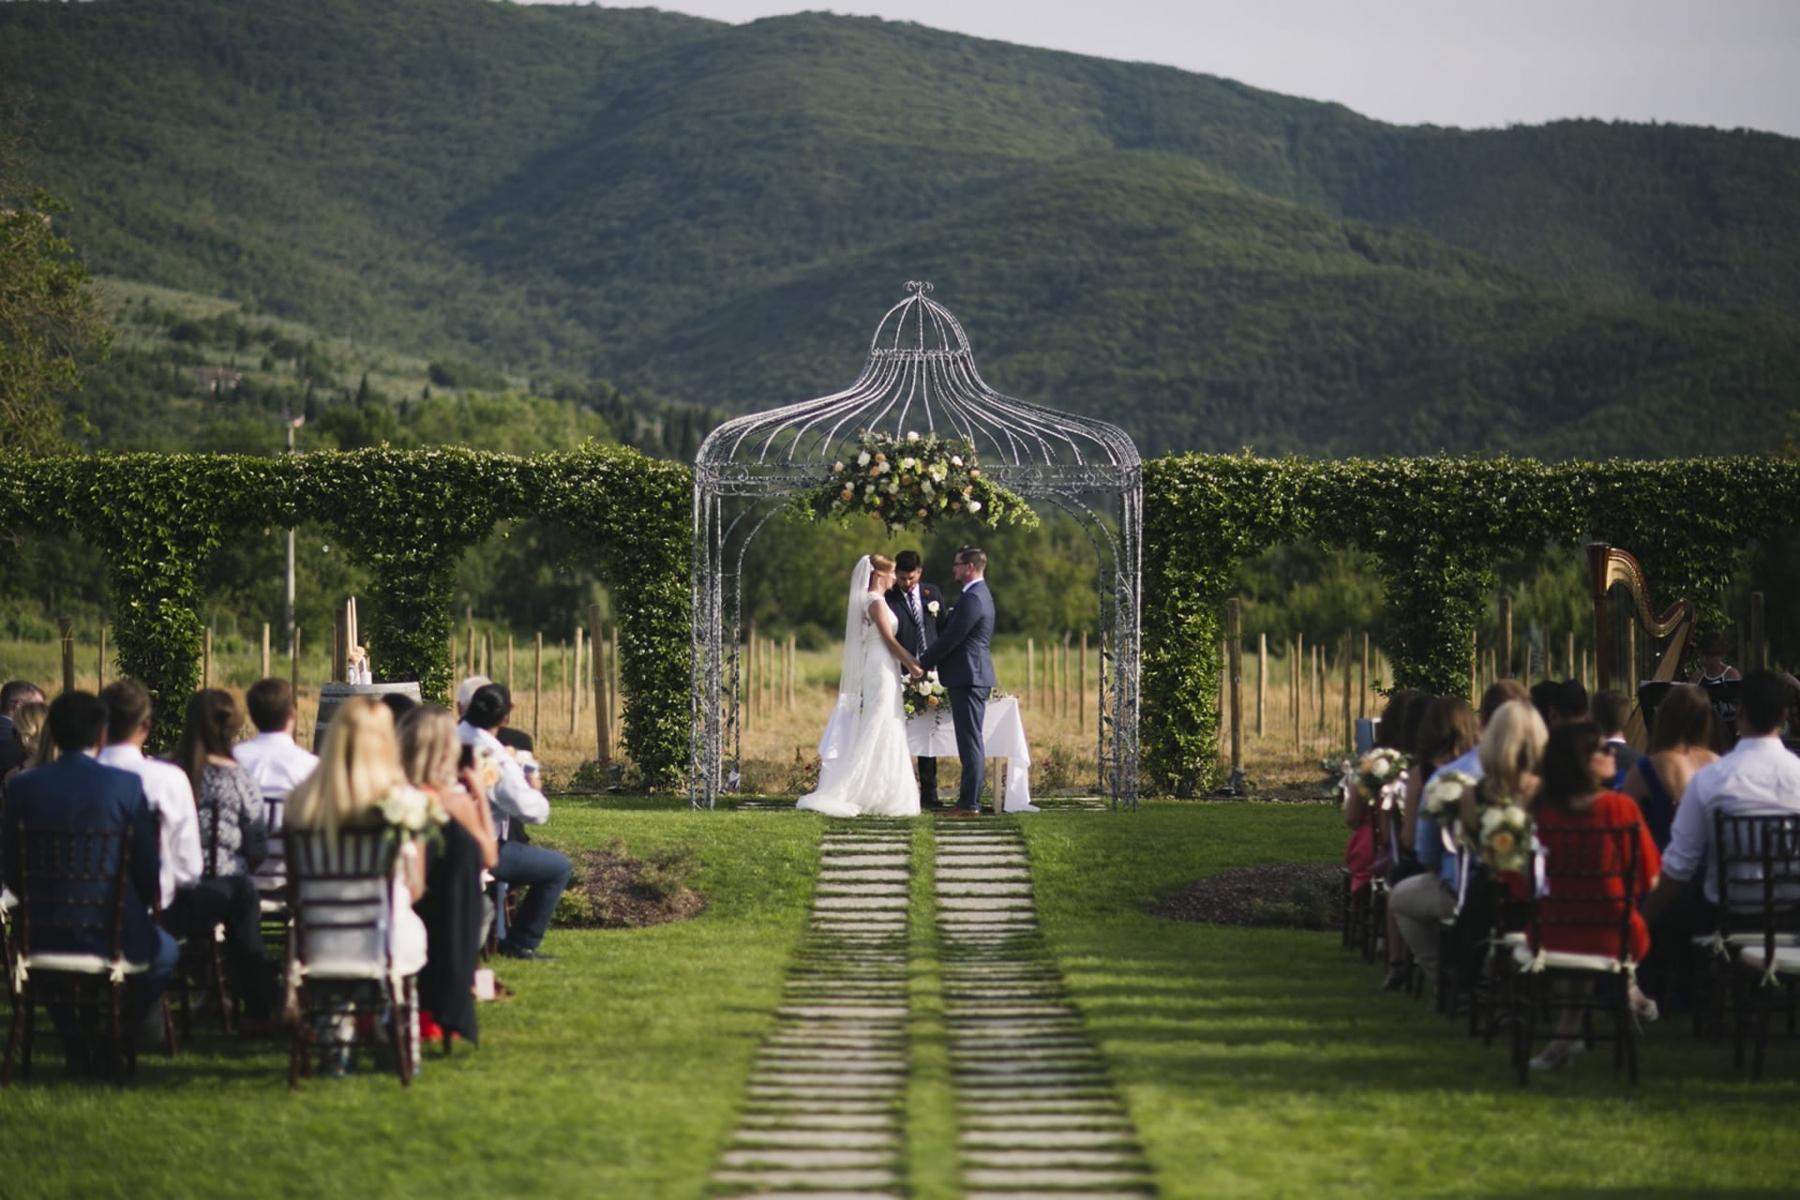 Matrimonio Lago Toscana : Matrimonio a cortona in toscana famiglia buccelletti